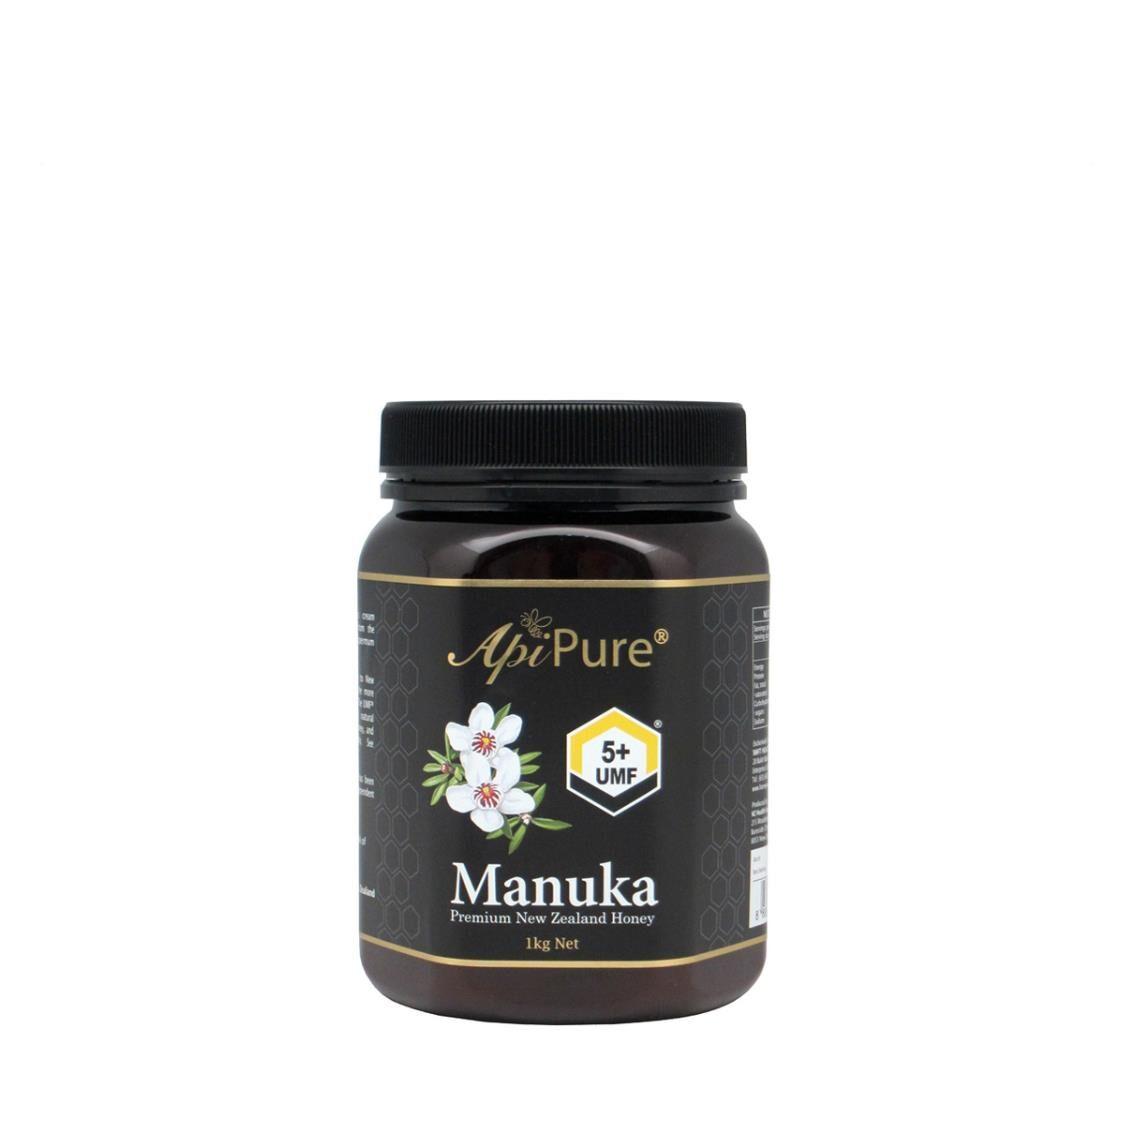 Apipure Manuka UMF5 1kg